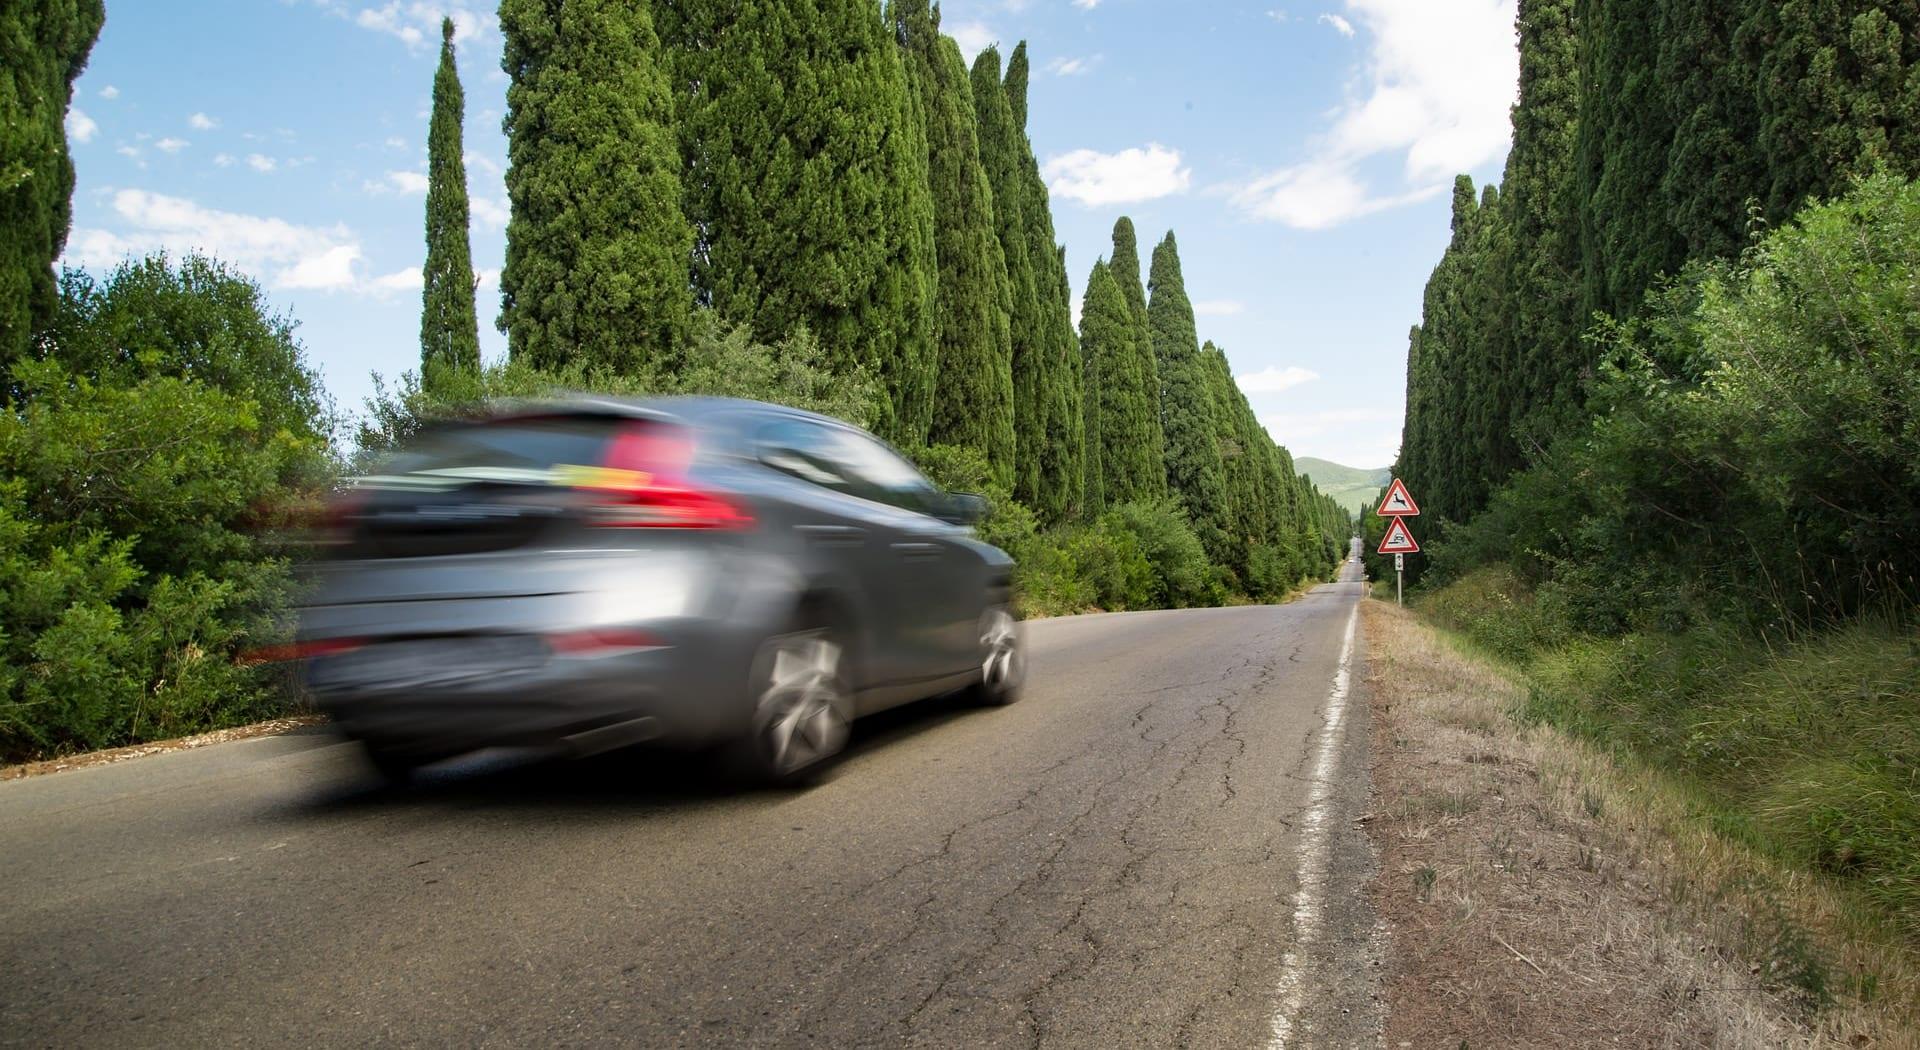 Trafikkskader kan være alvorlige, og gi store skader. Har du fått en trafikkskade, bør du kontakte erfarne advokater for hjelp.